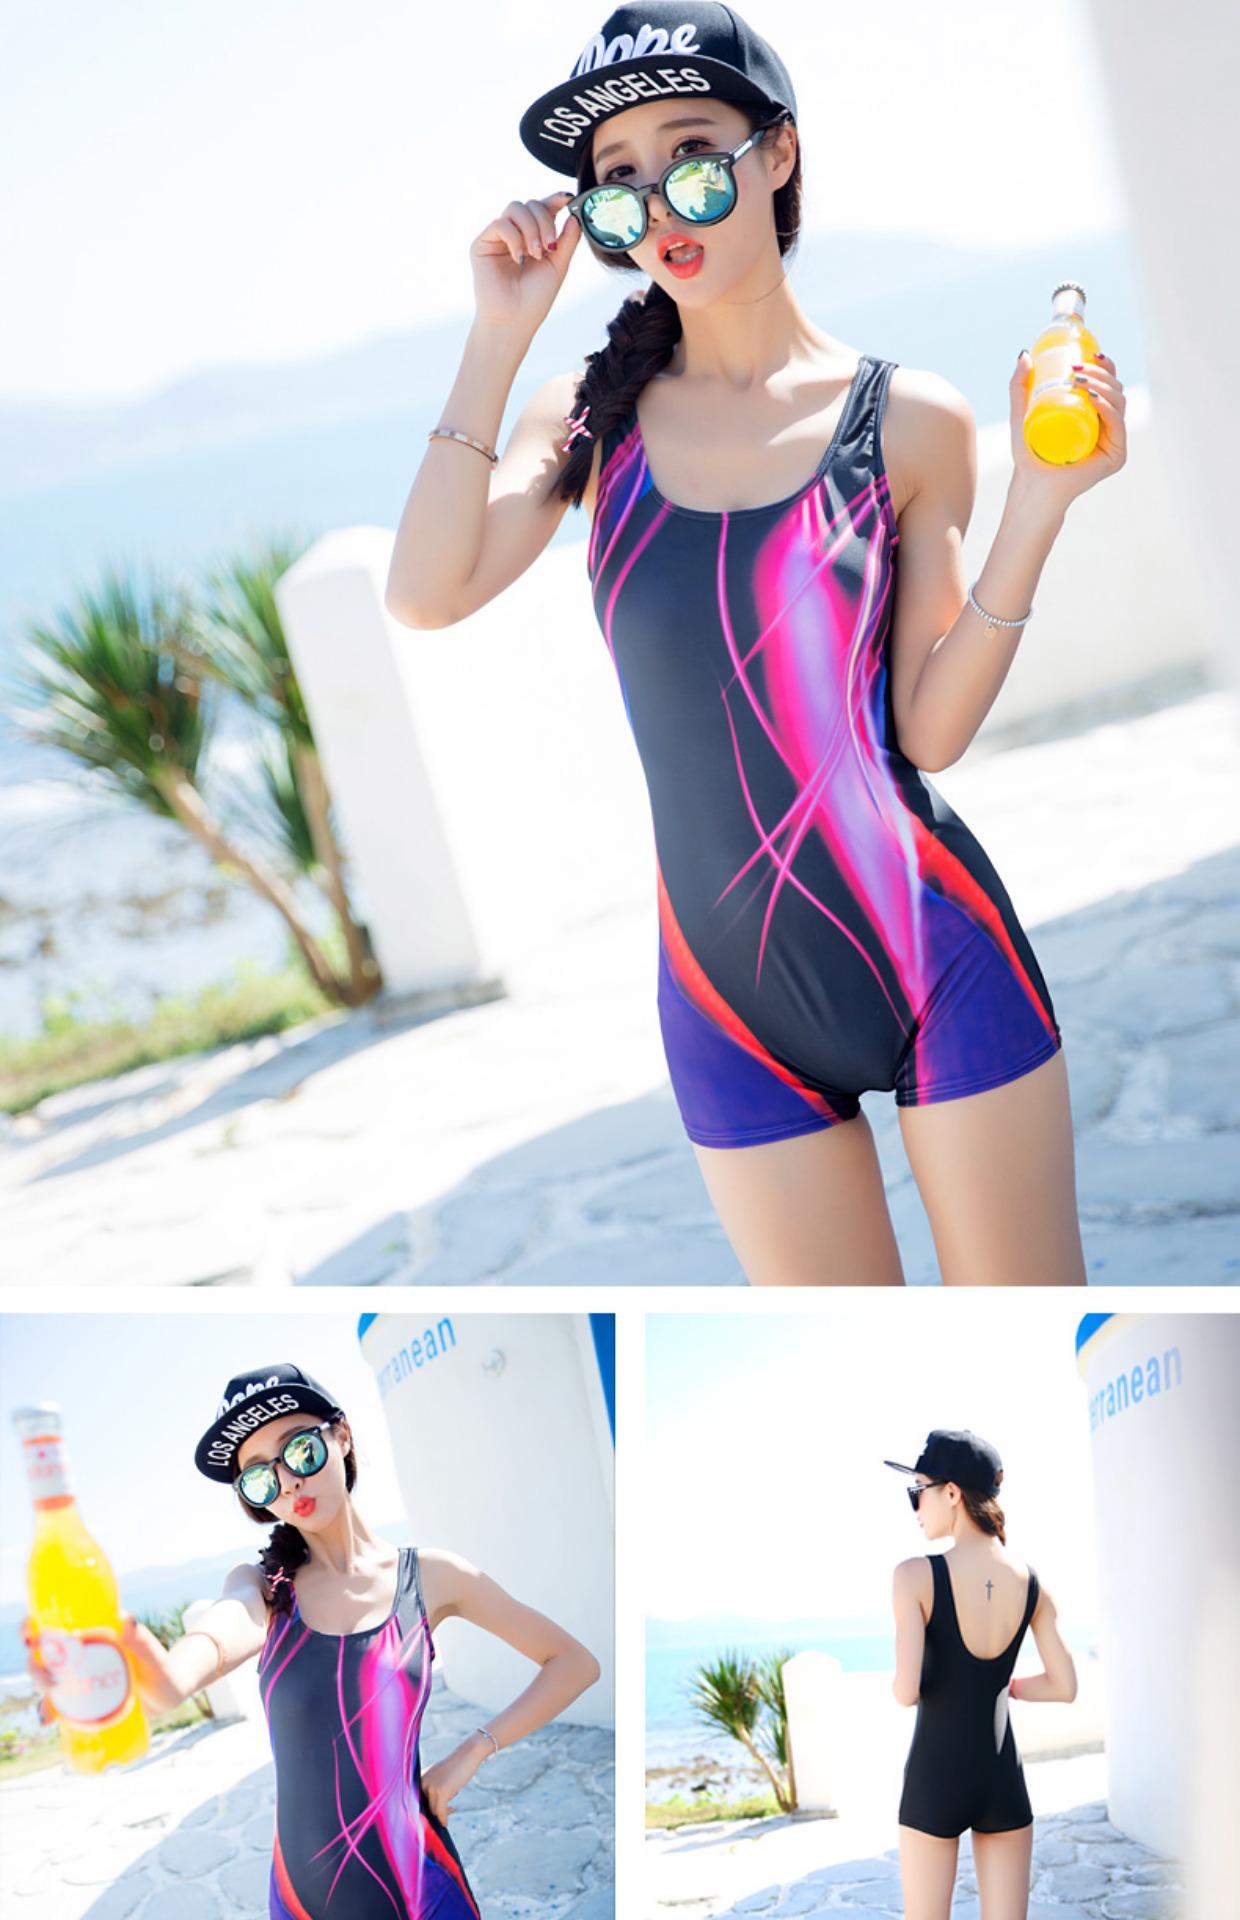 专业游泳衣女士学生遮肚保守大胸大码韩国温泉运动连体平角裤泳装3张